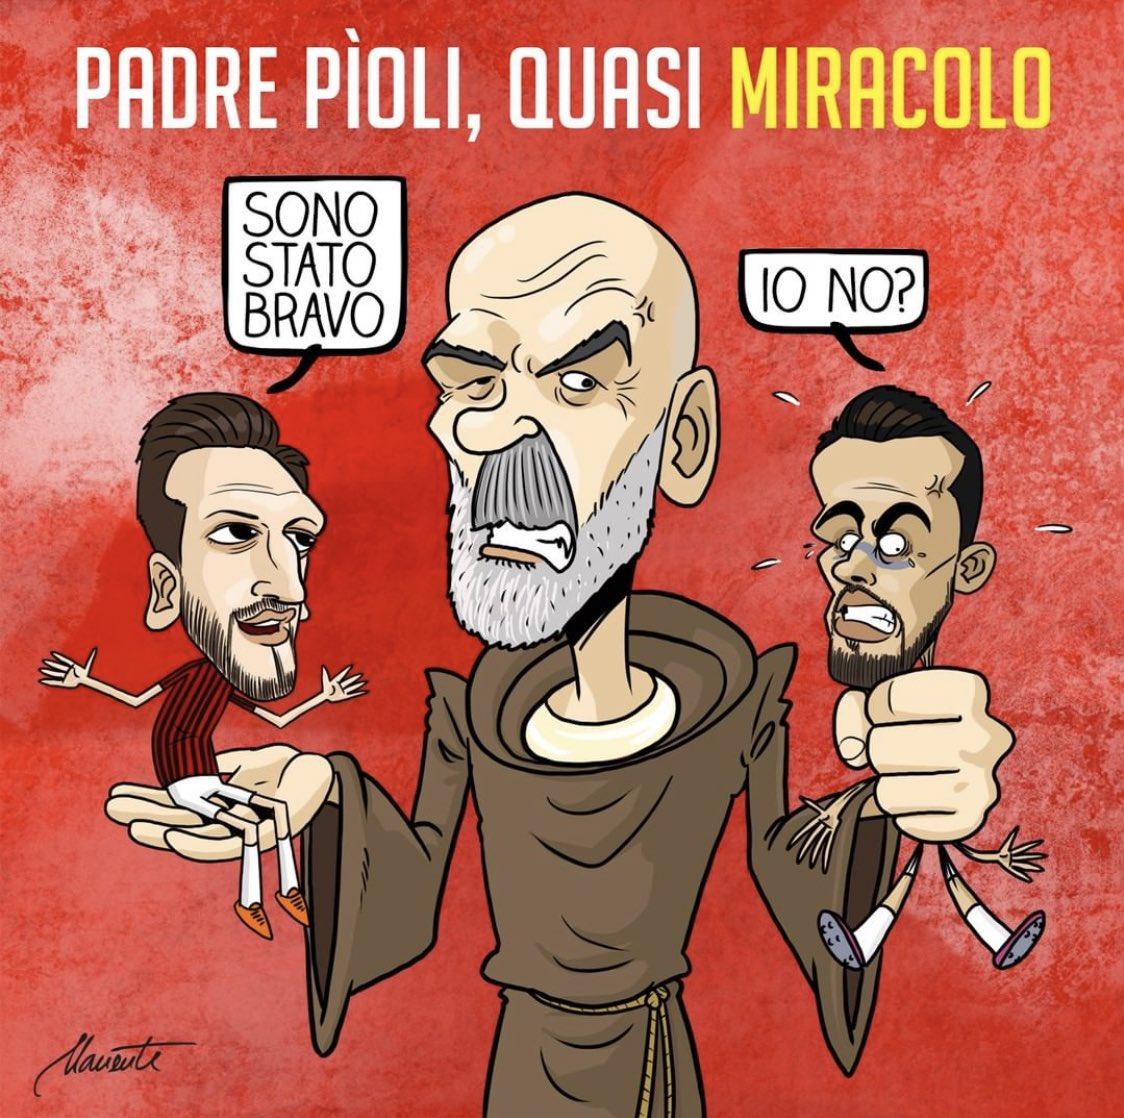 #MilanLecce